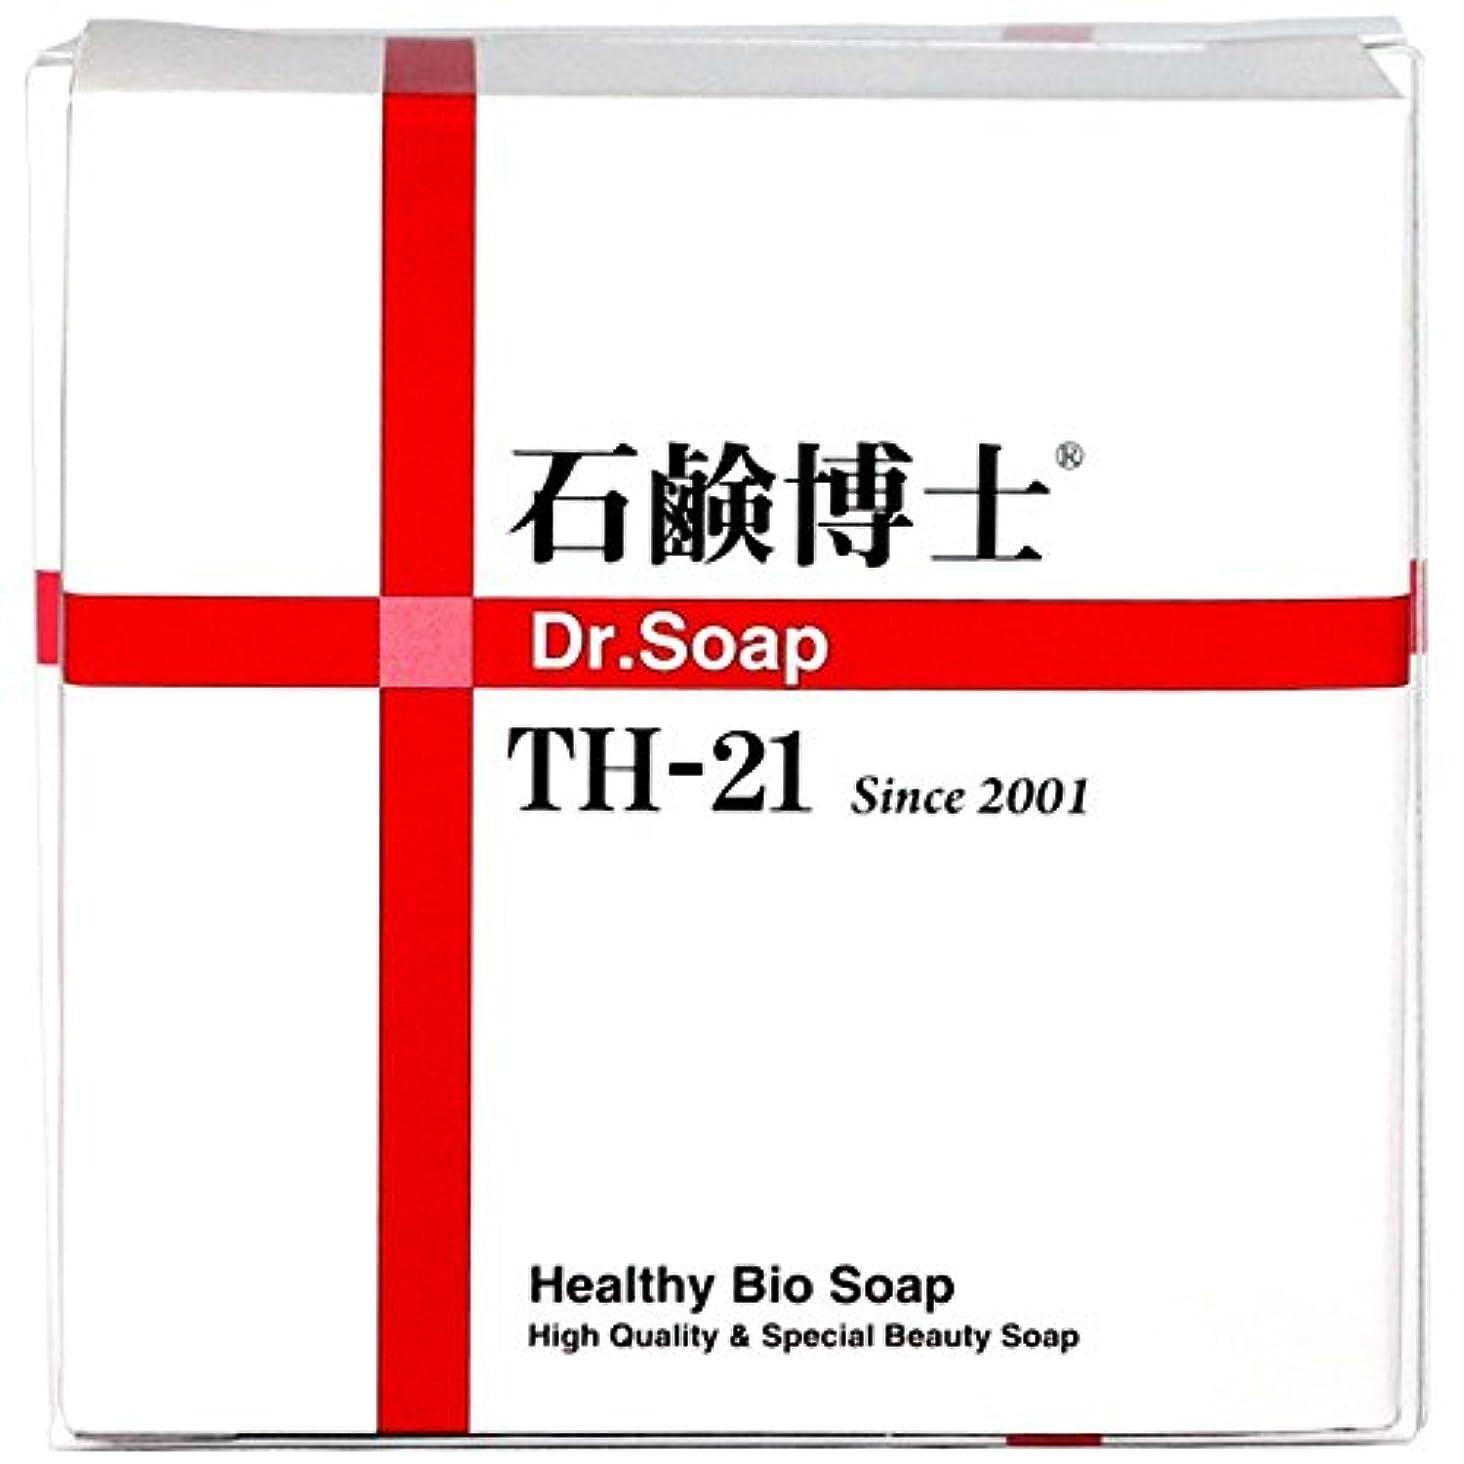 回転するアンテナ仕方ミネラルと分解酵素で洗顔しながらスキンケア 石鹸博士 DRソープ石鹸 Dr.Soap TH-21 100g